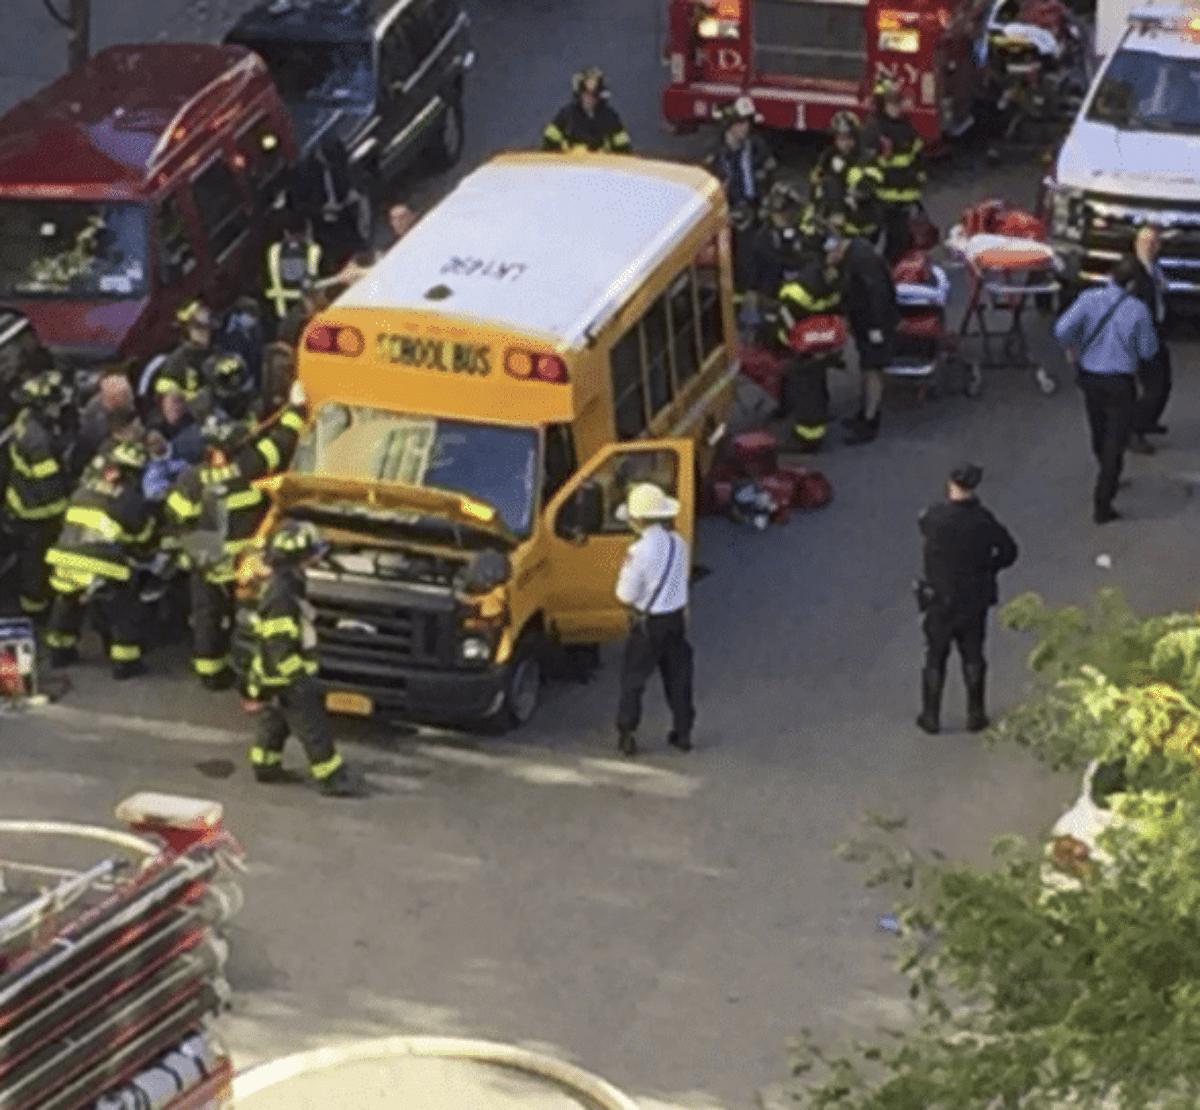 foto attacco furgone new york terrorismo